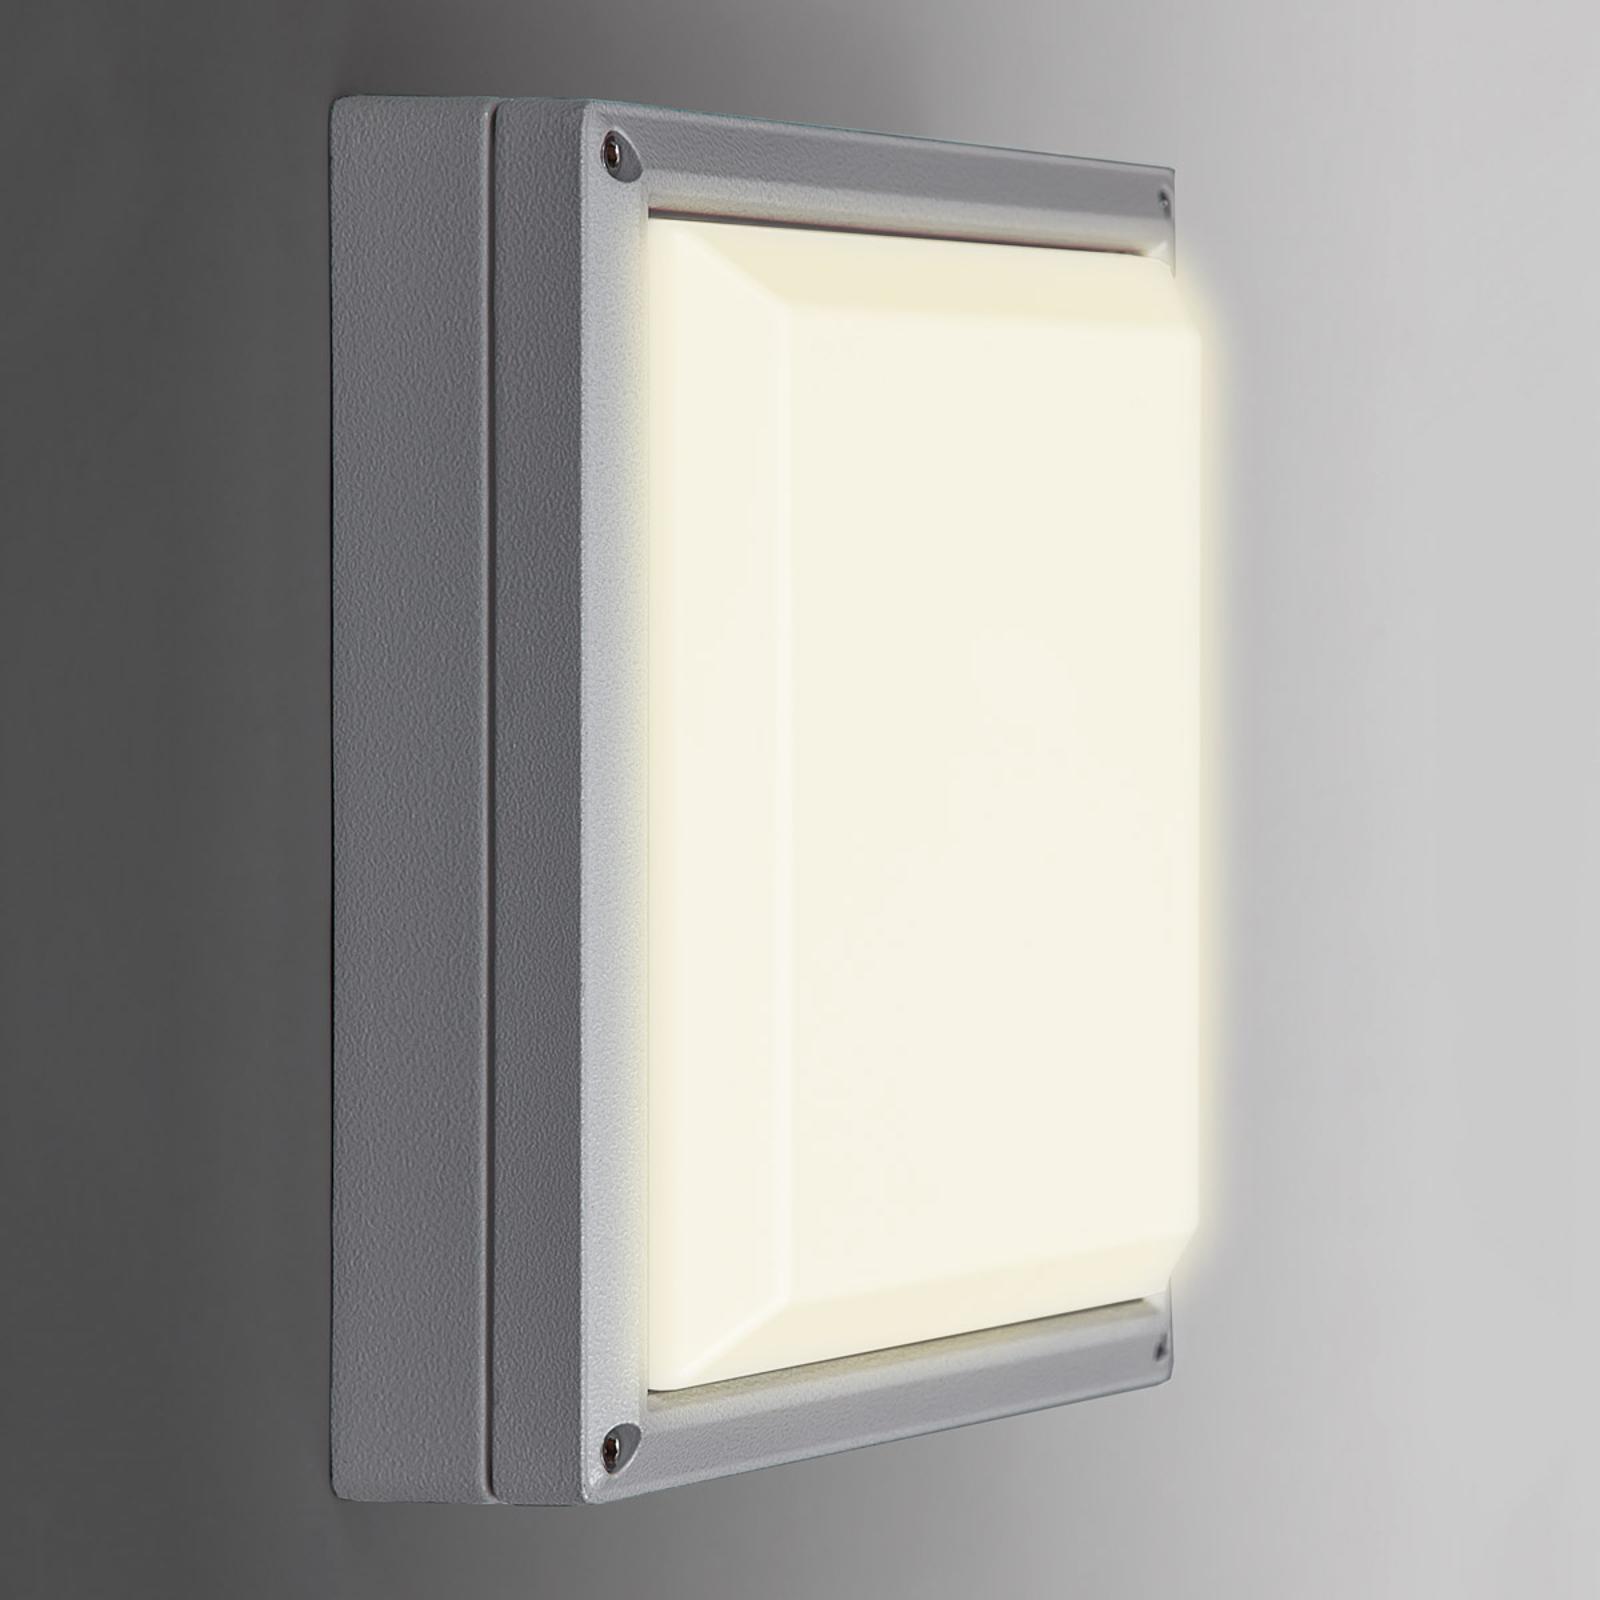 Applique SUN 11 LED 13W gris clair 3 k